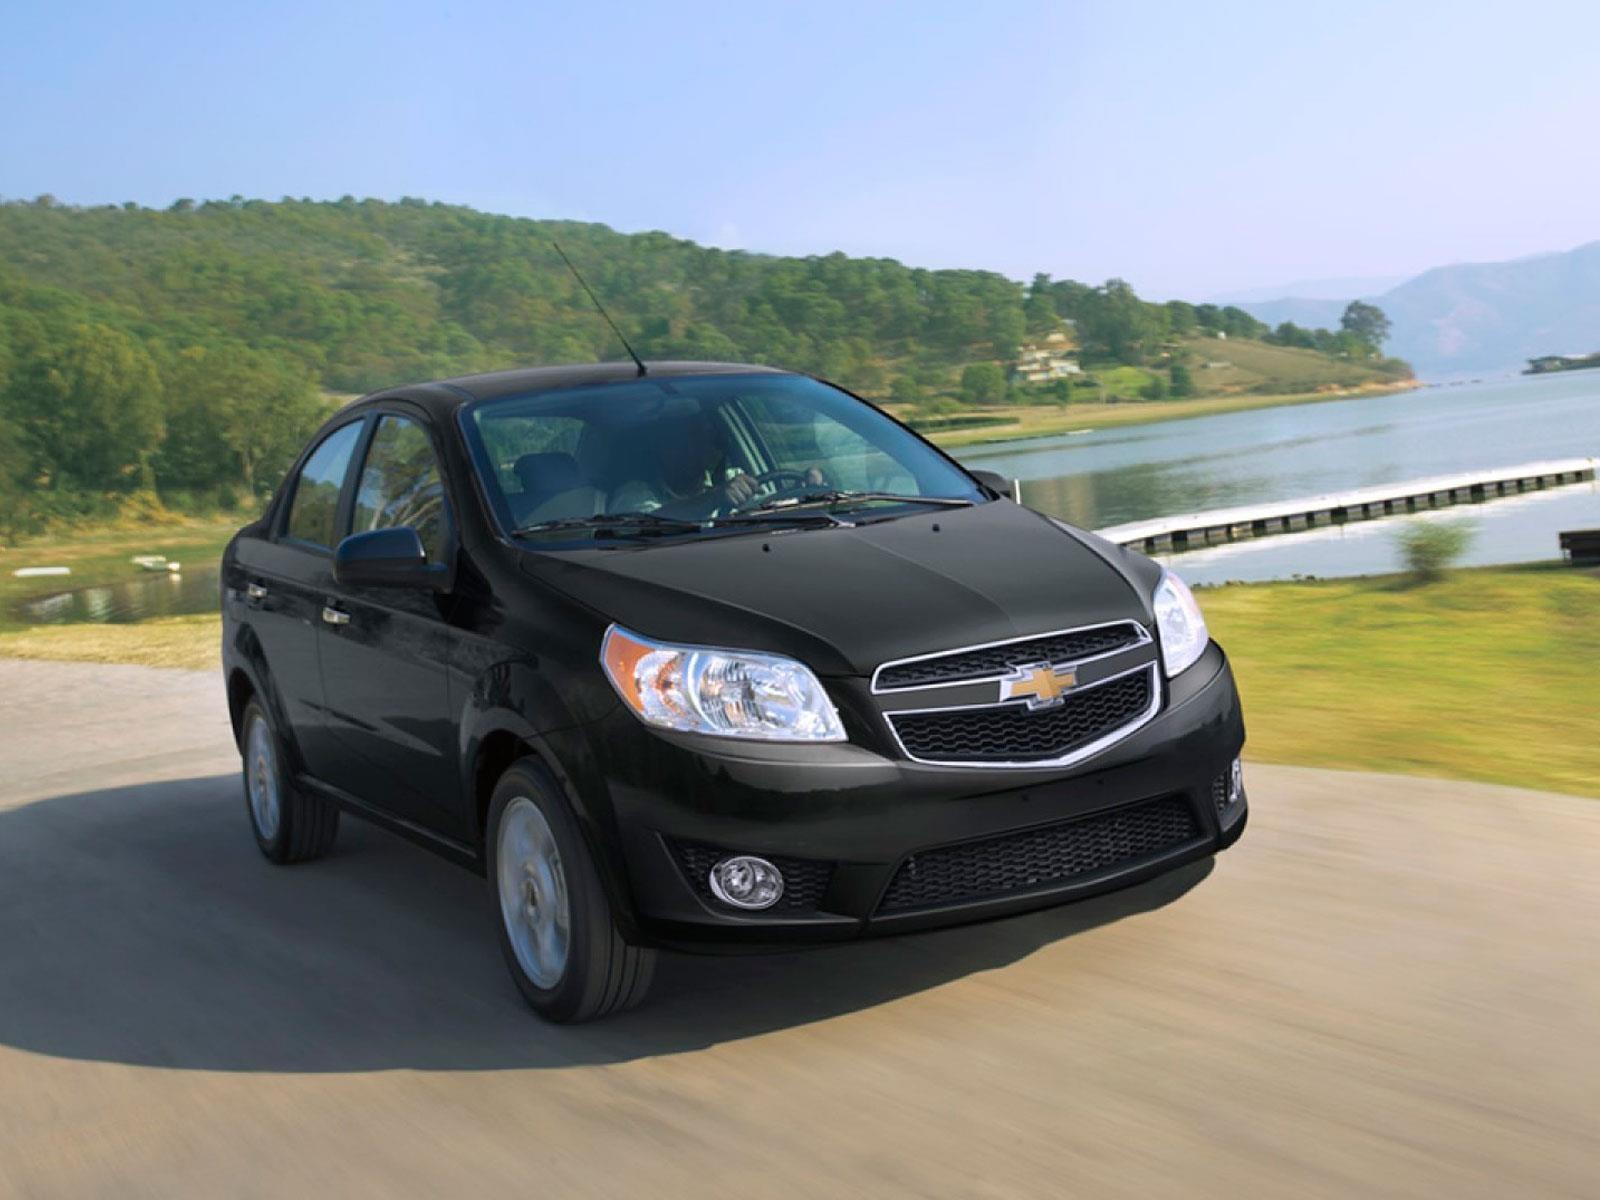 Chevrolet Aveo 2018 llega a México desde $198,600 pesos - Autocosmos.com